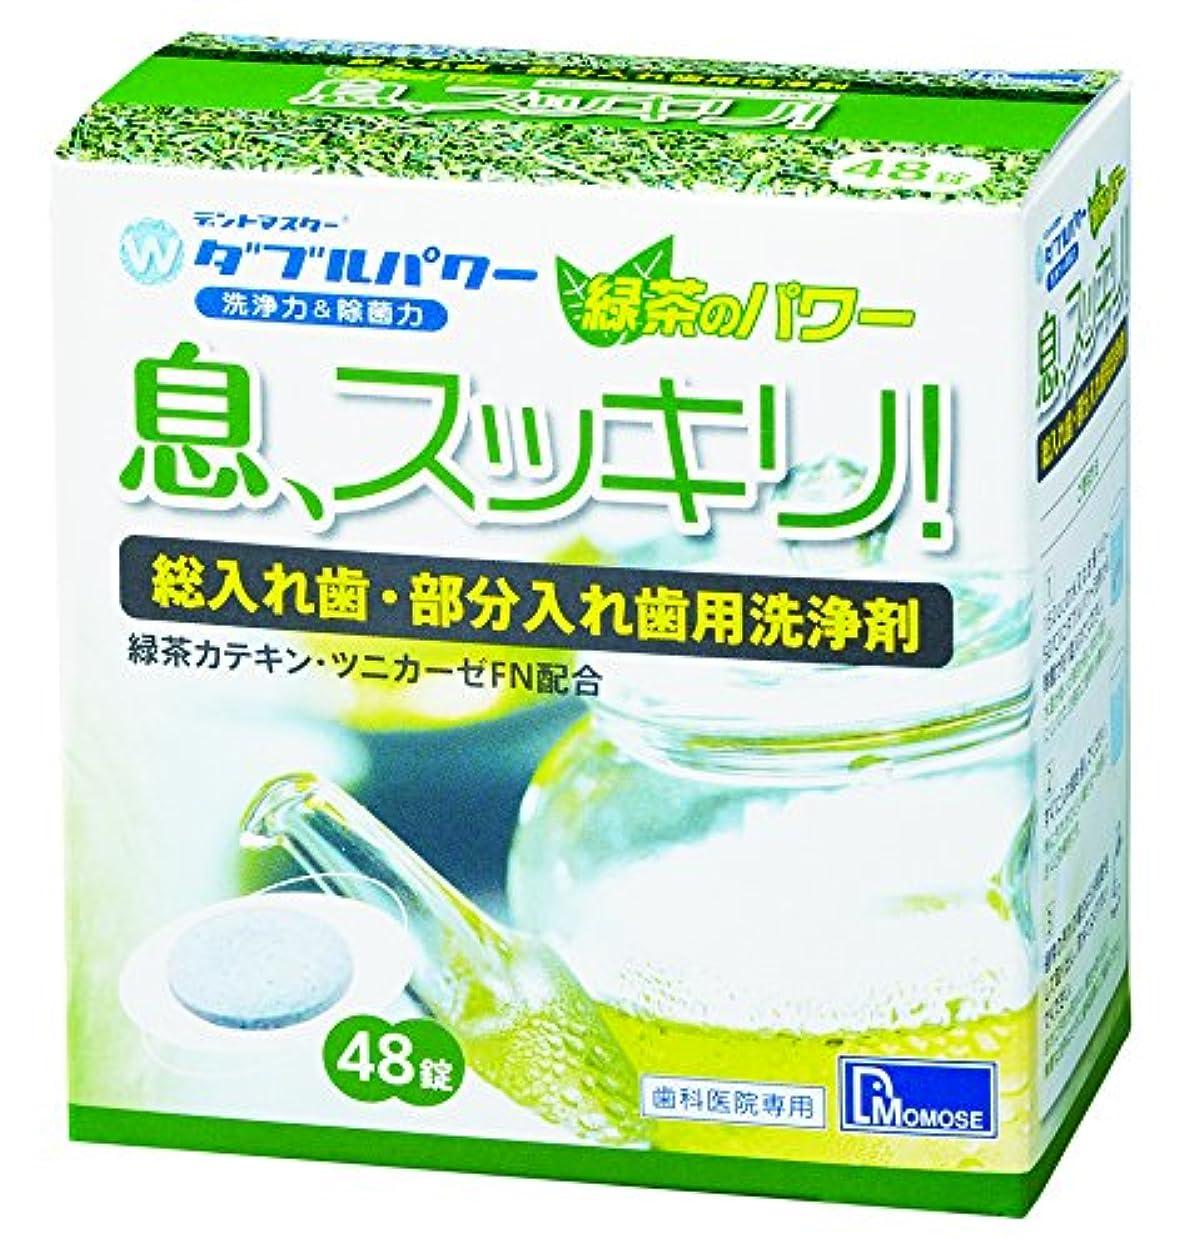 コレクションランタン強盗入れ歯洗浄剤(息、スッキリ!) 1箱(48錠入) 48錠入り /8-6839-01